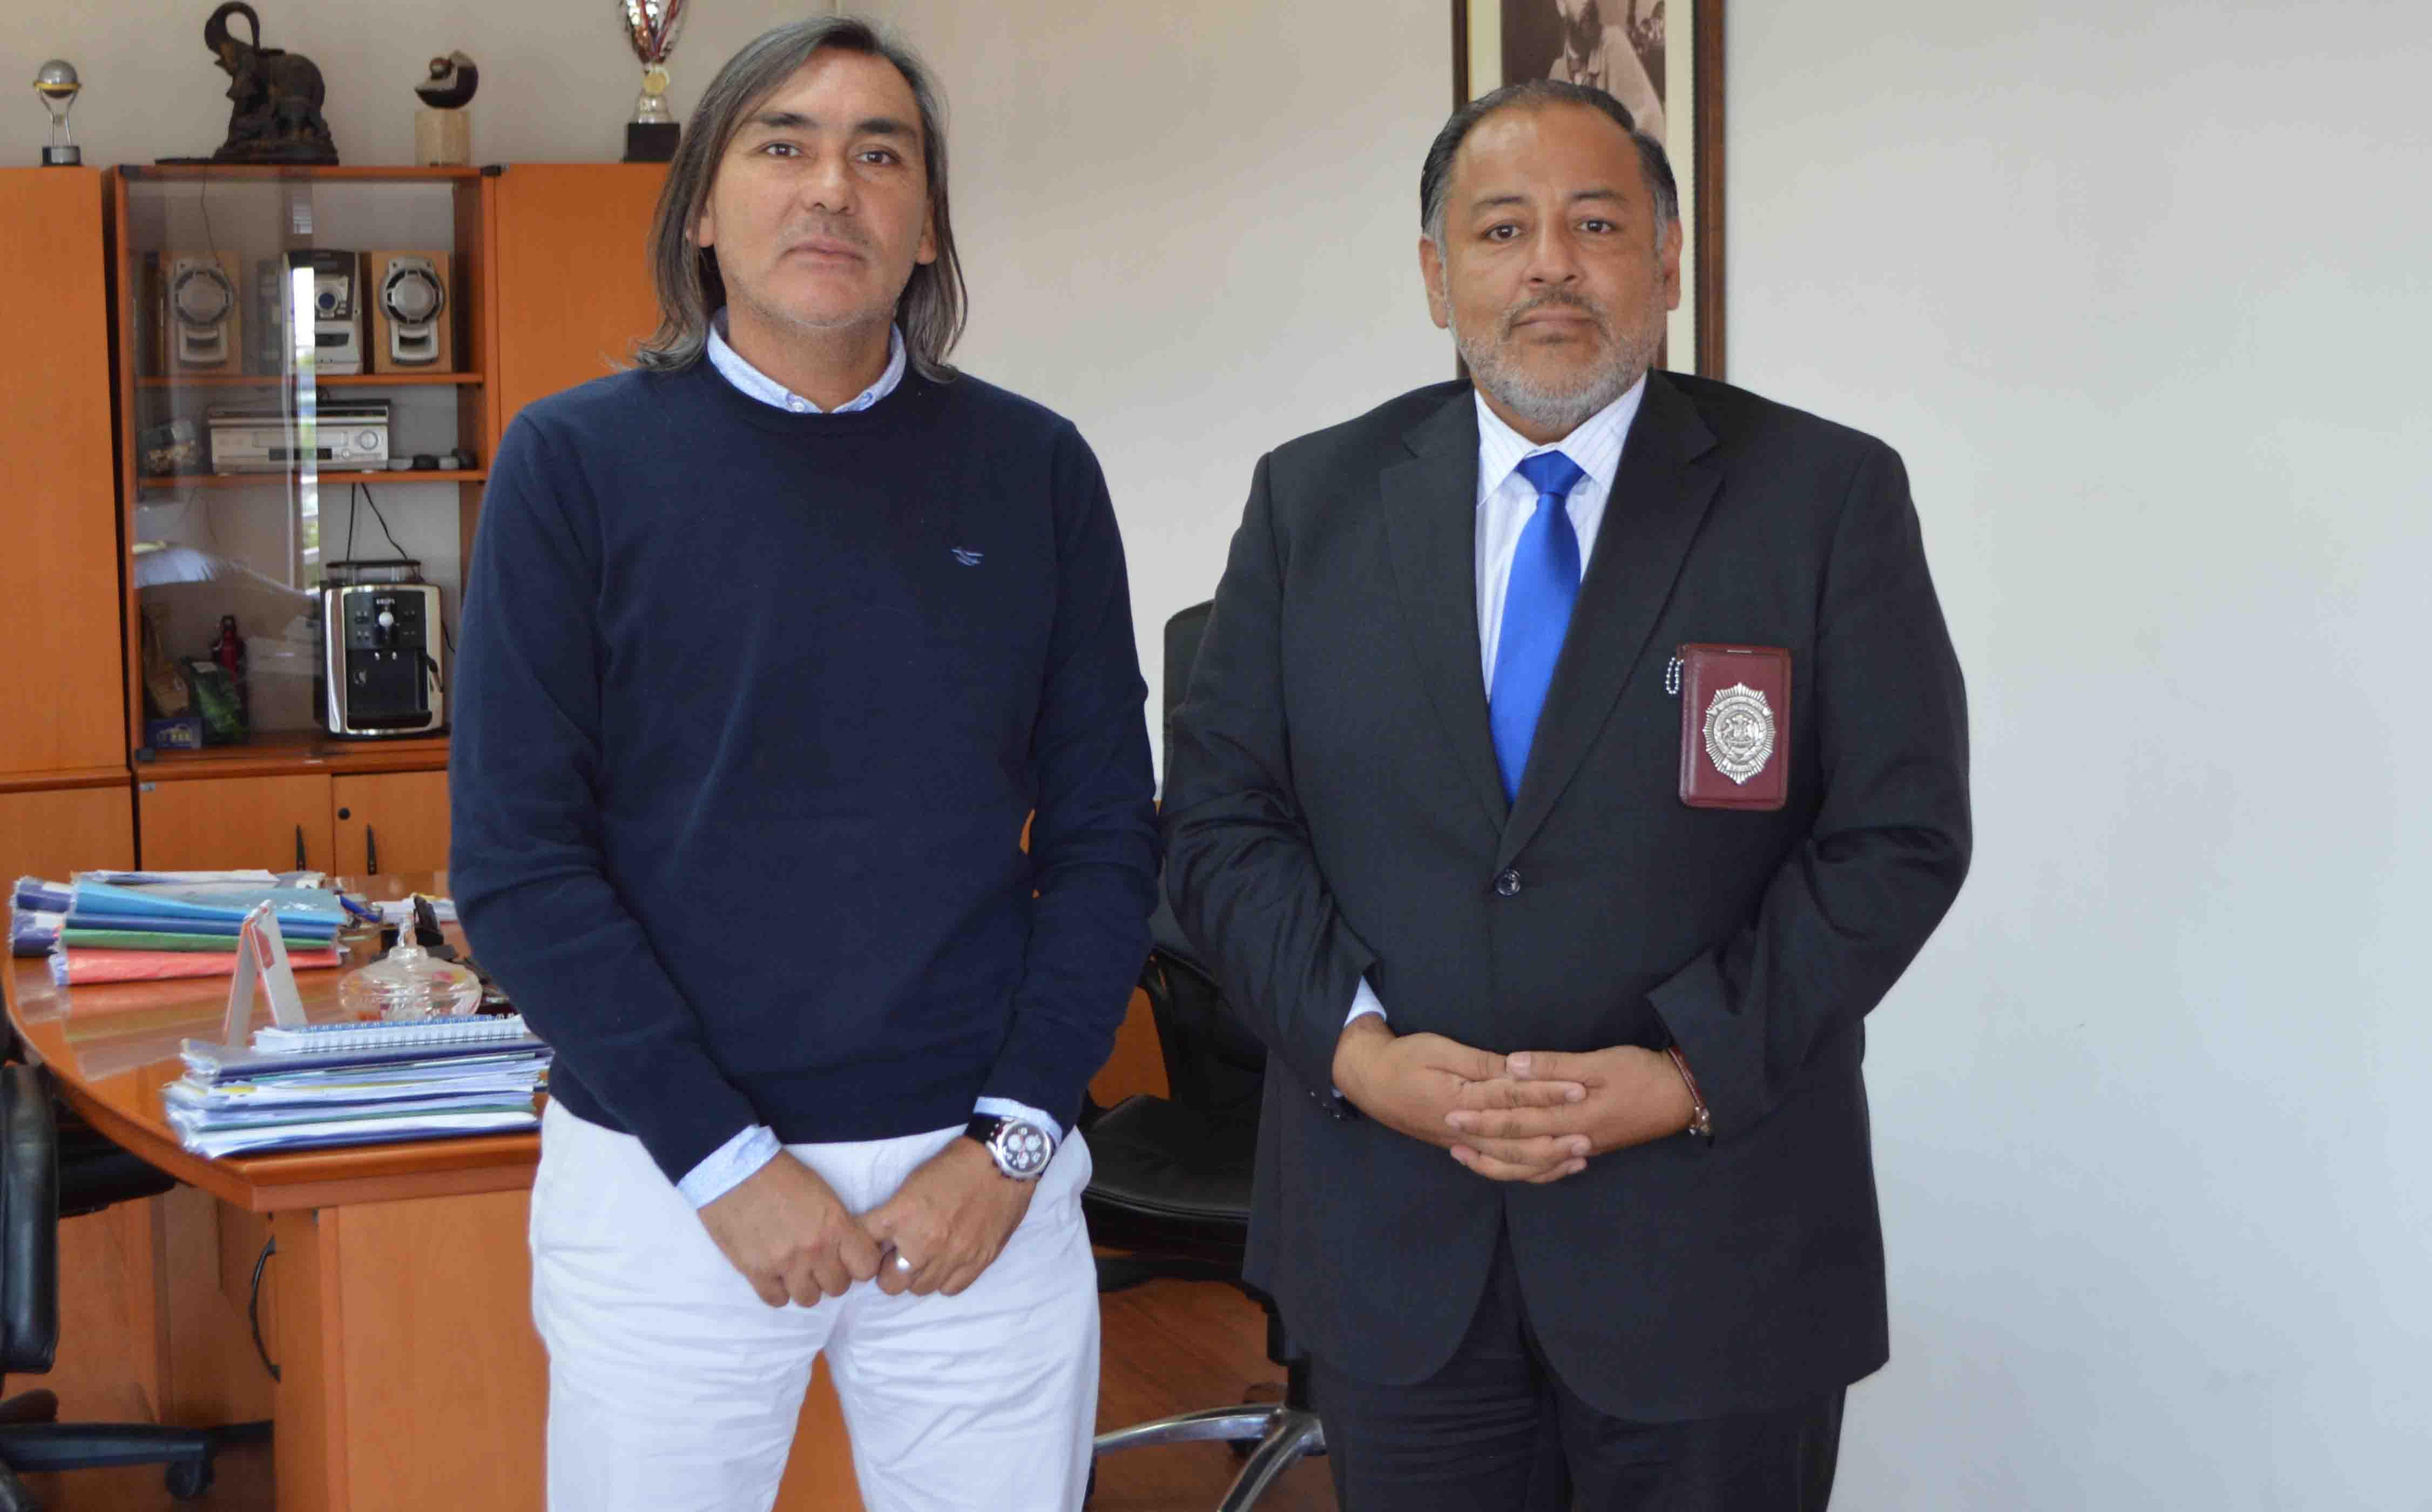 Alcalde Loyola se reúne con Subprefecto PDI para alinear estrategias de seguridad en la comuna